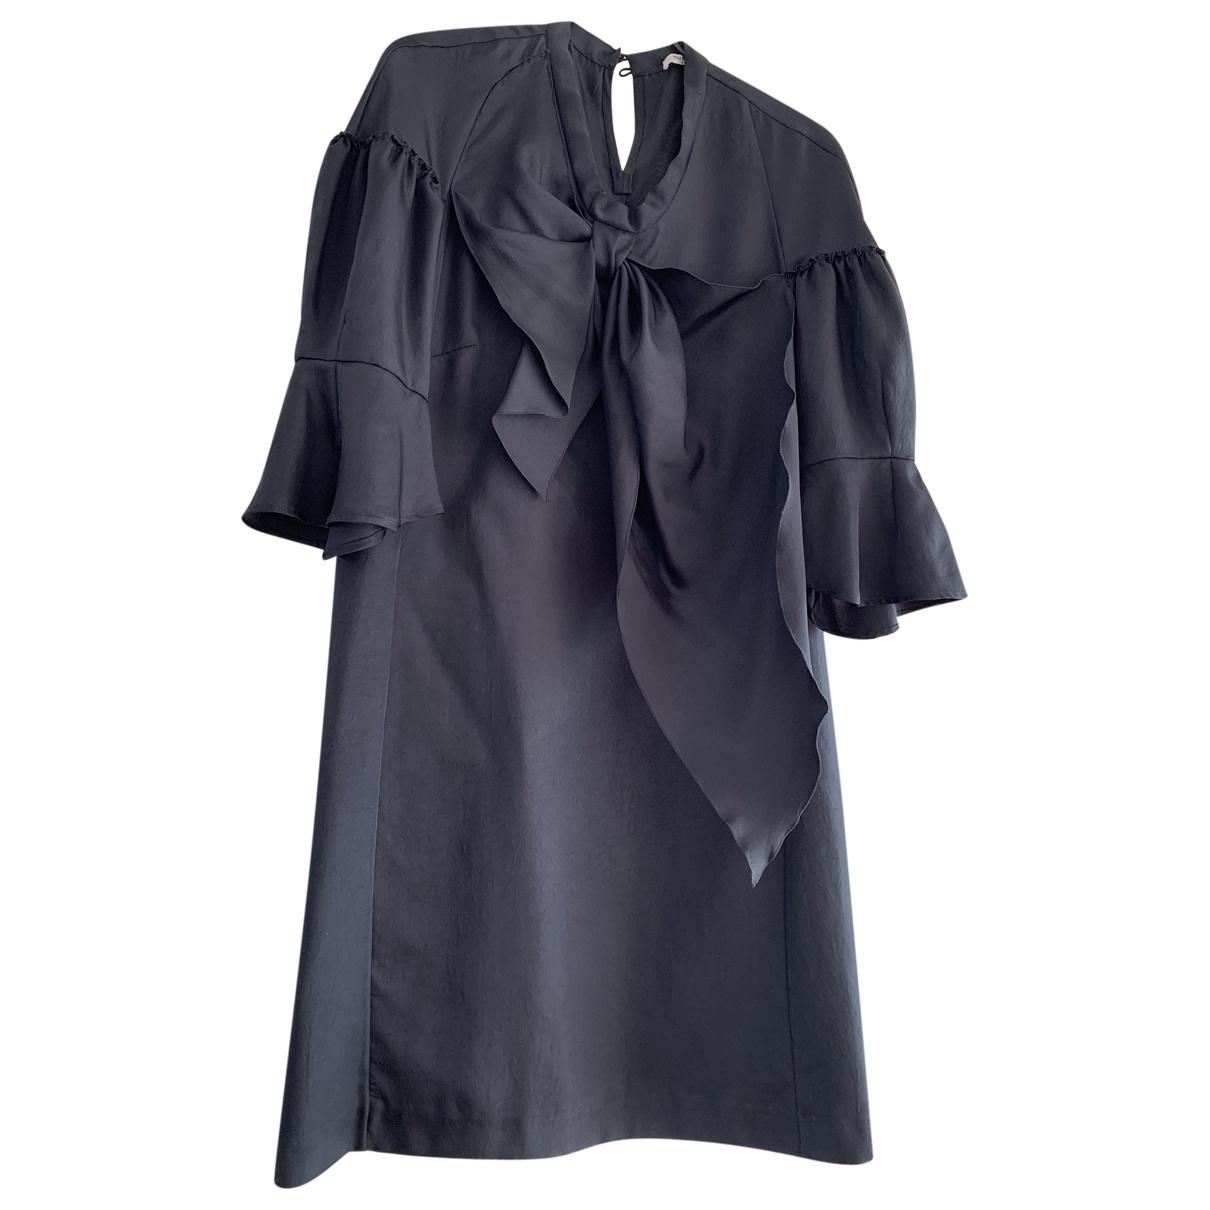 Miu Miu \N Black dress for Women 44 IT